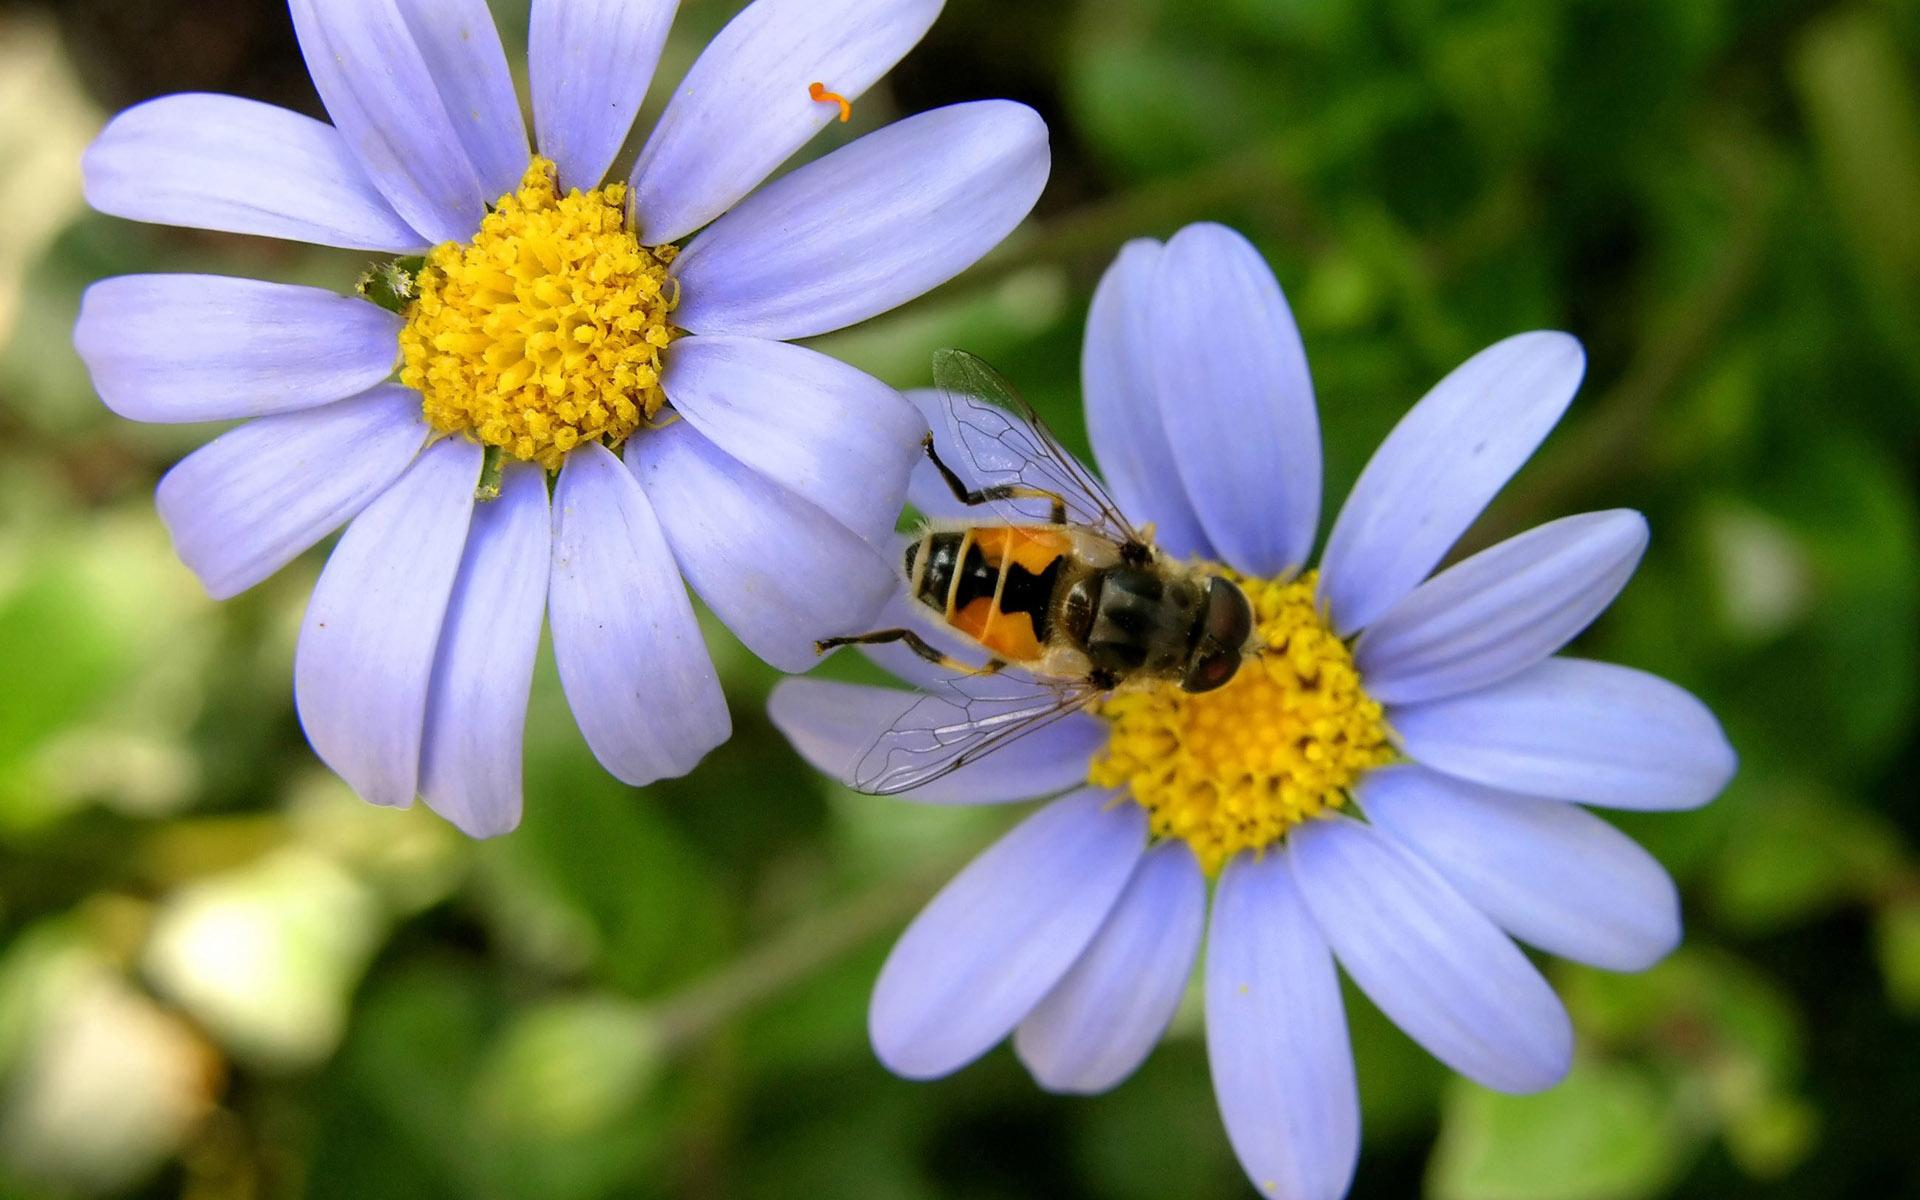 природа цветы насекомое пчела бесплатно